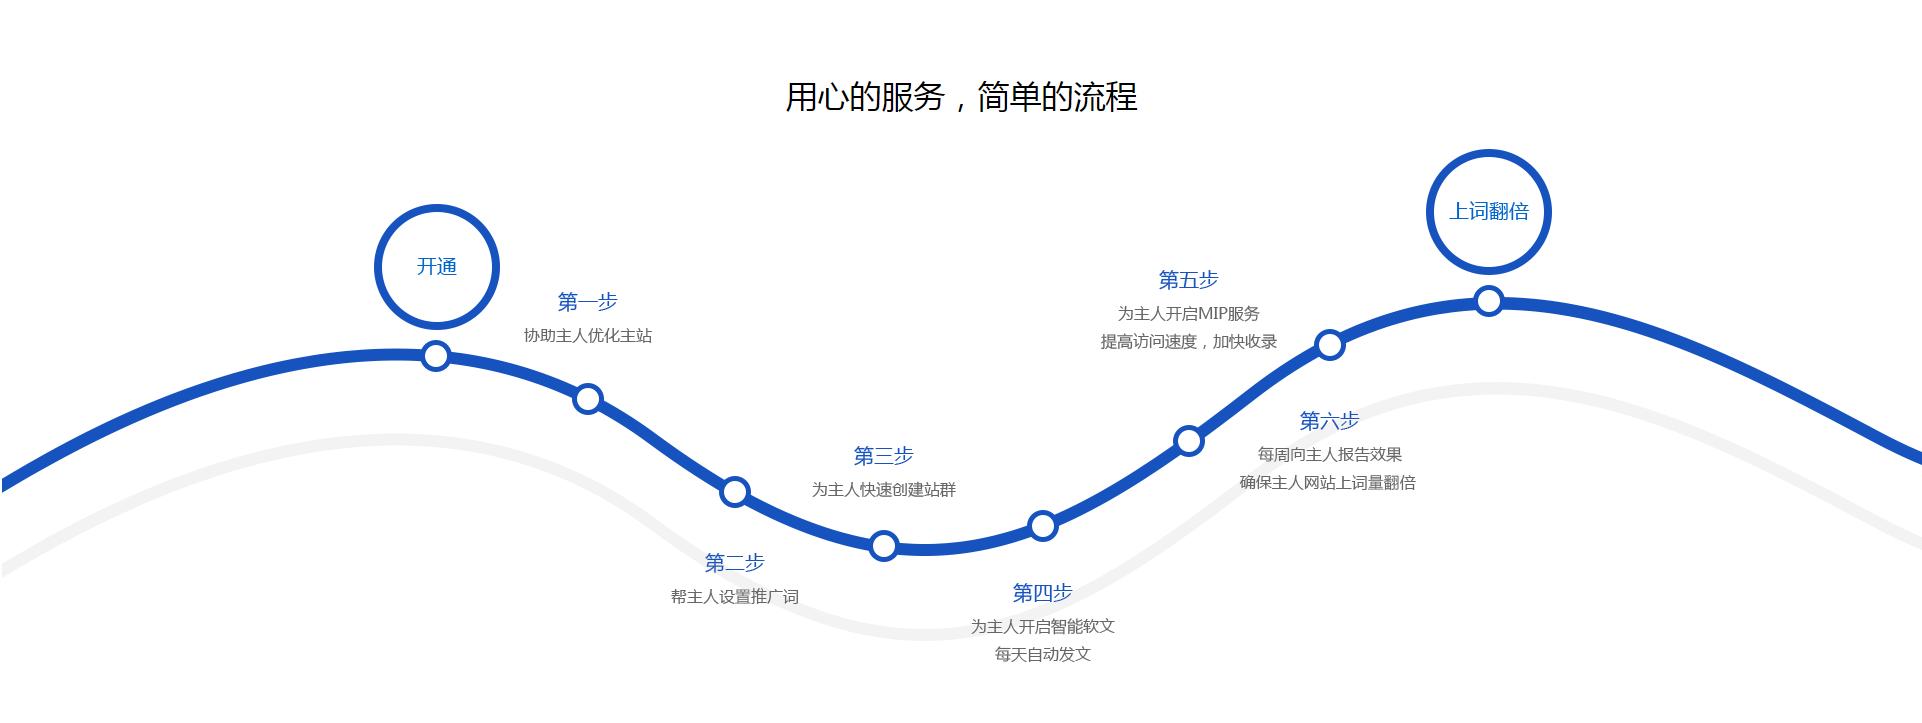 千城千站详情图6